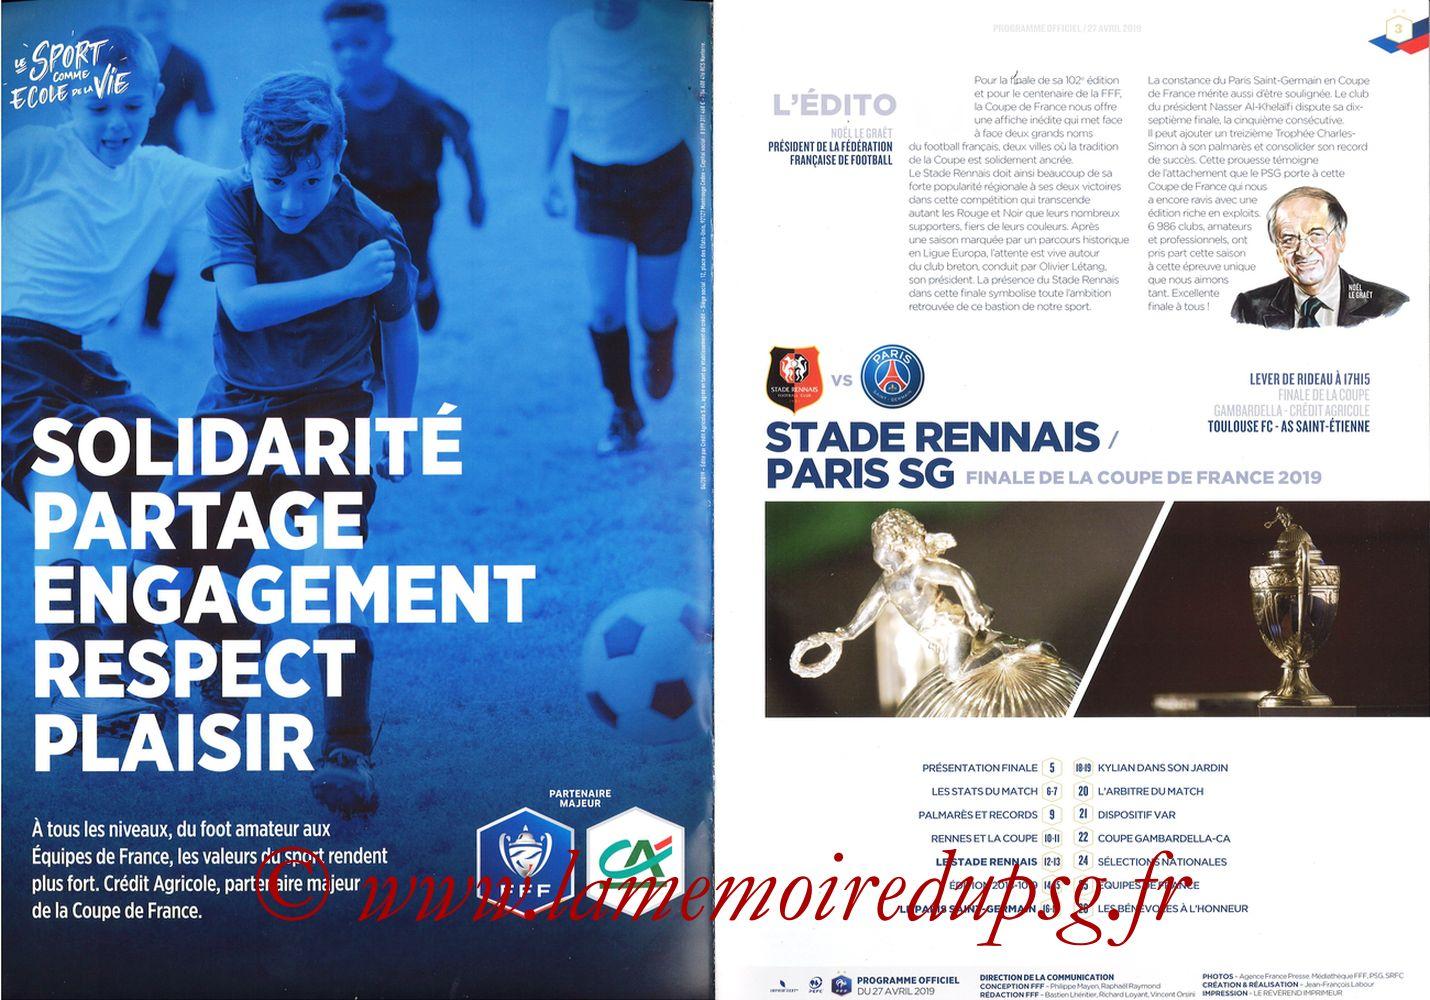 2019-04-27  Rennes-PSG (Finale CF au Stade de France, Programme officiel FFF) - Pages 02 et 03